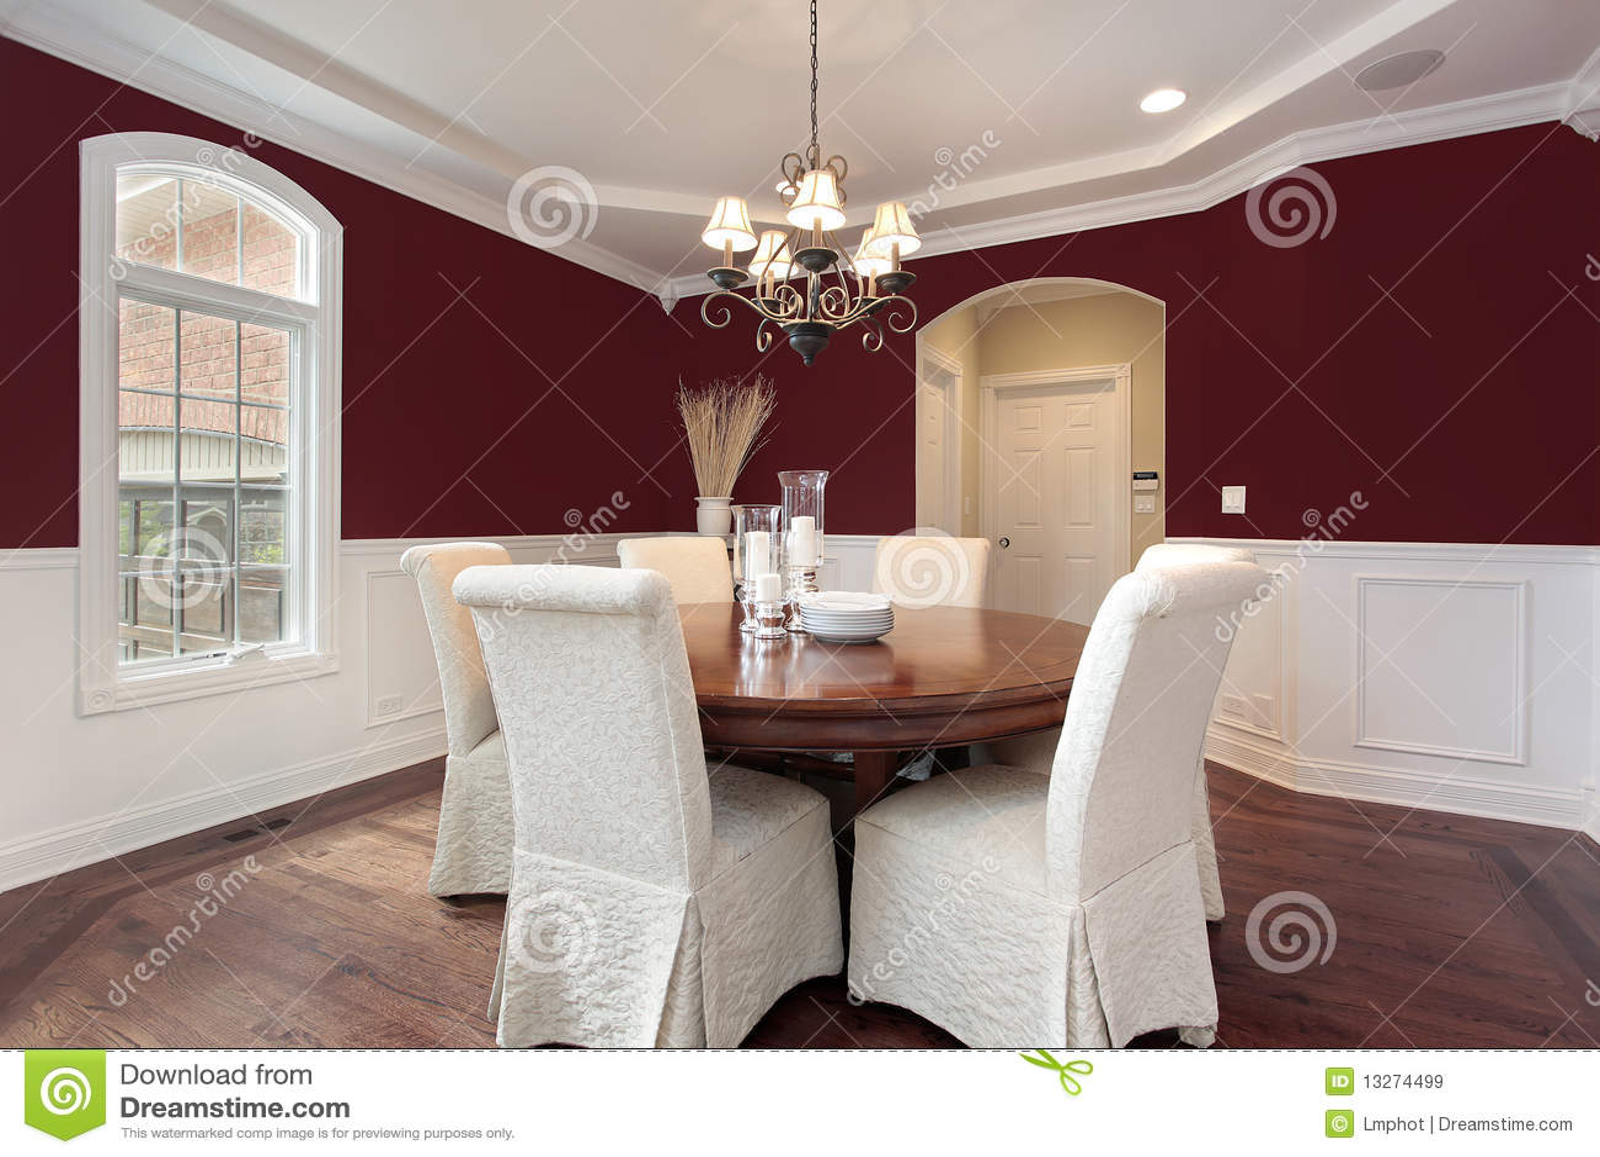 esszimmer mit roten wnden - Rote Wand Esszimmer